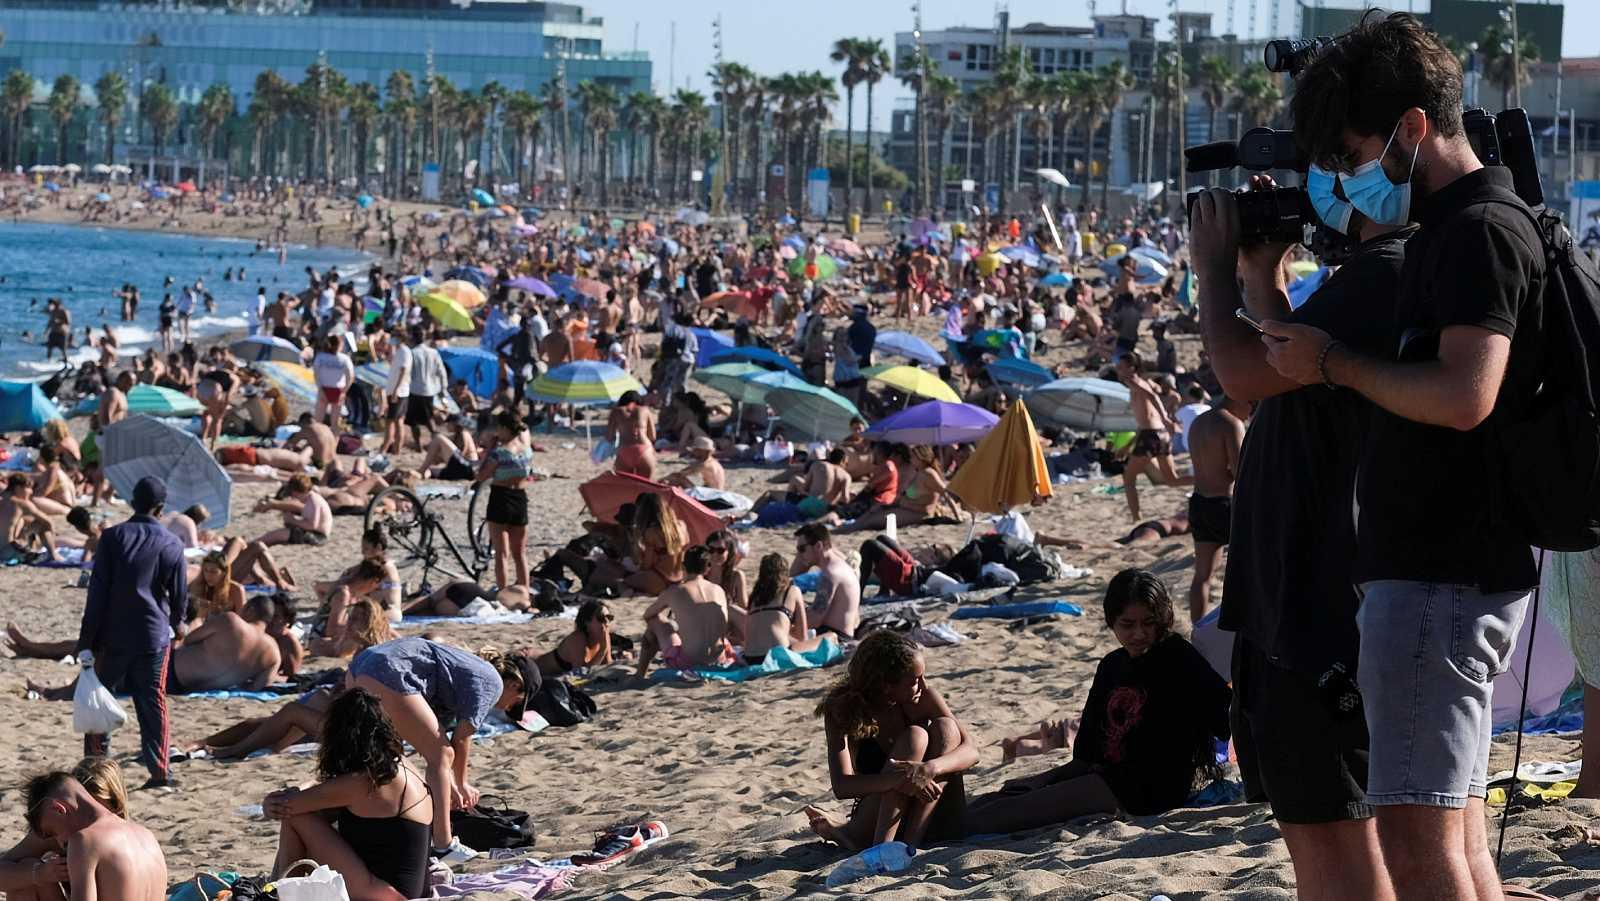 Preocupación en Barcelona por la expansión de los brotes de coronavirus ante el incumplimiento de las restricciones